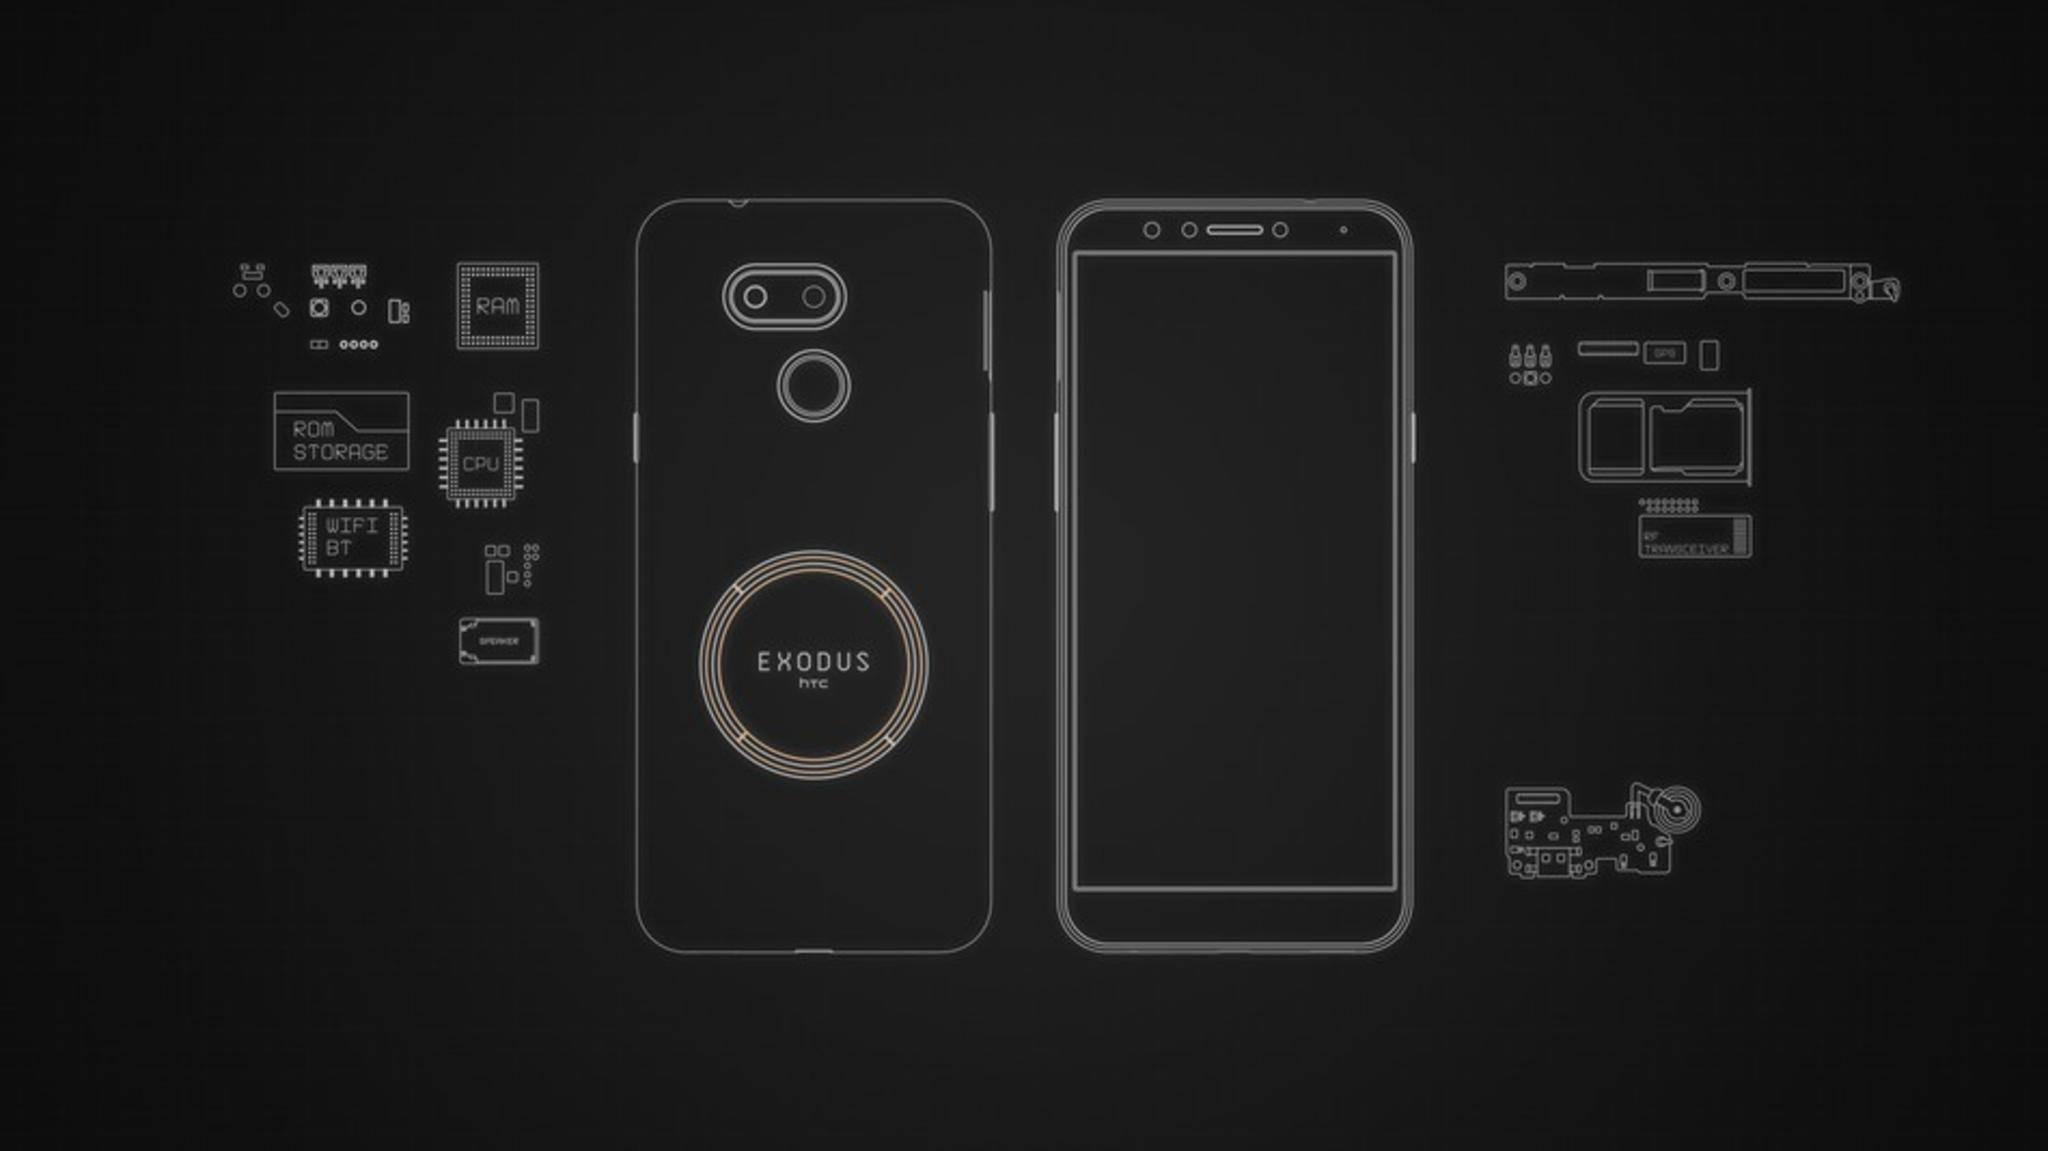 Das HTC Exodus 1s kann als vollwertiger Blockchain-Knotenpunkt agieren.